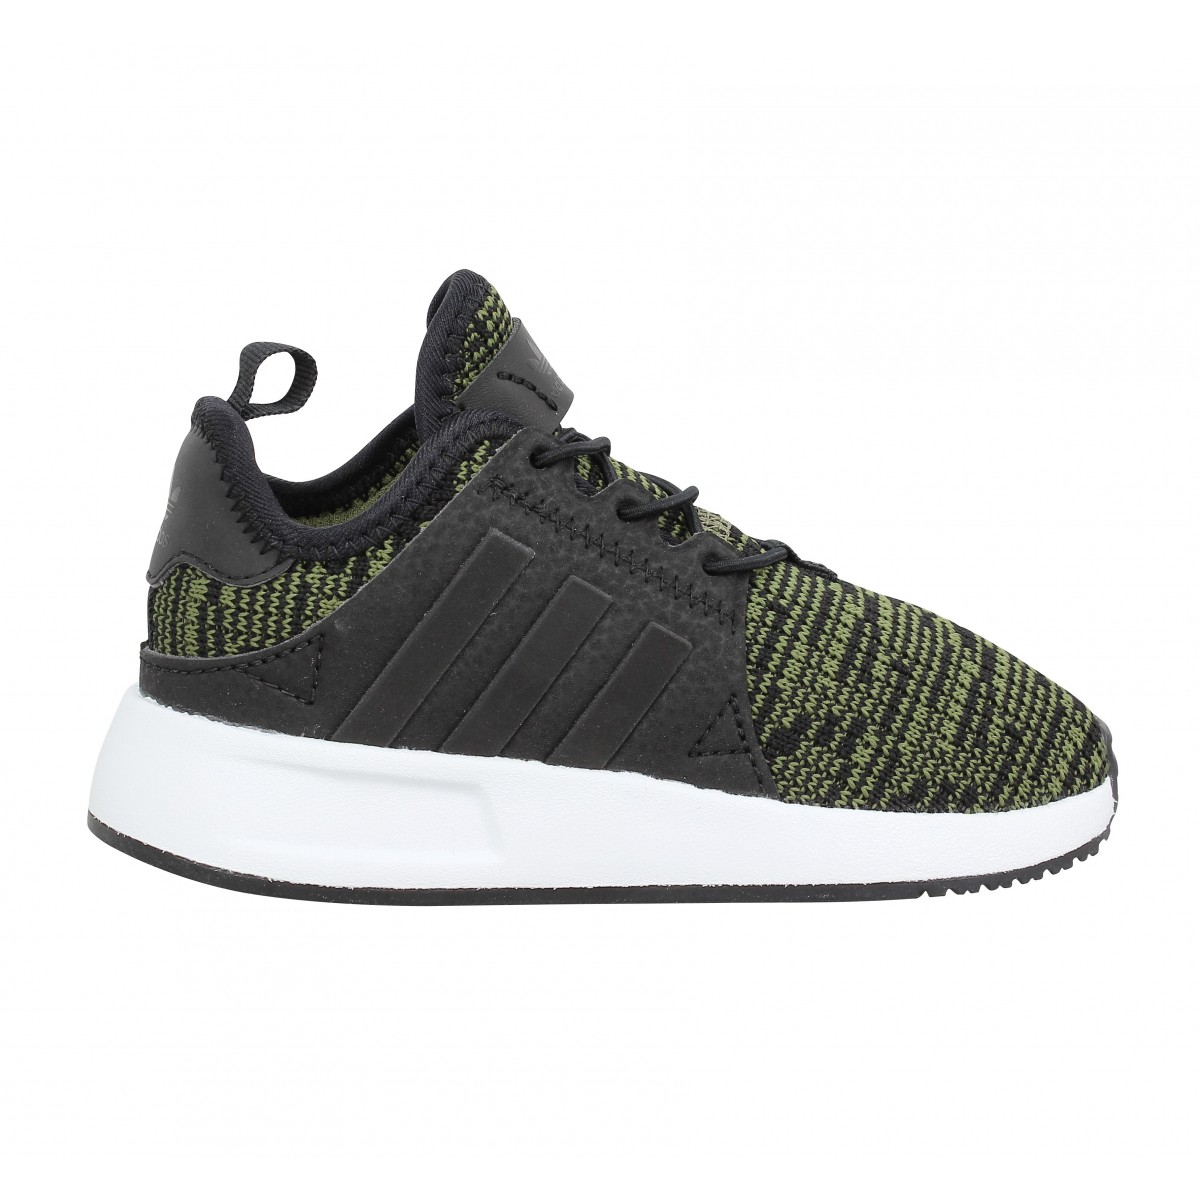 Baskets Adidas X_PLR pour enfants